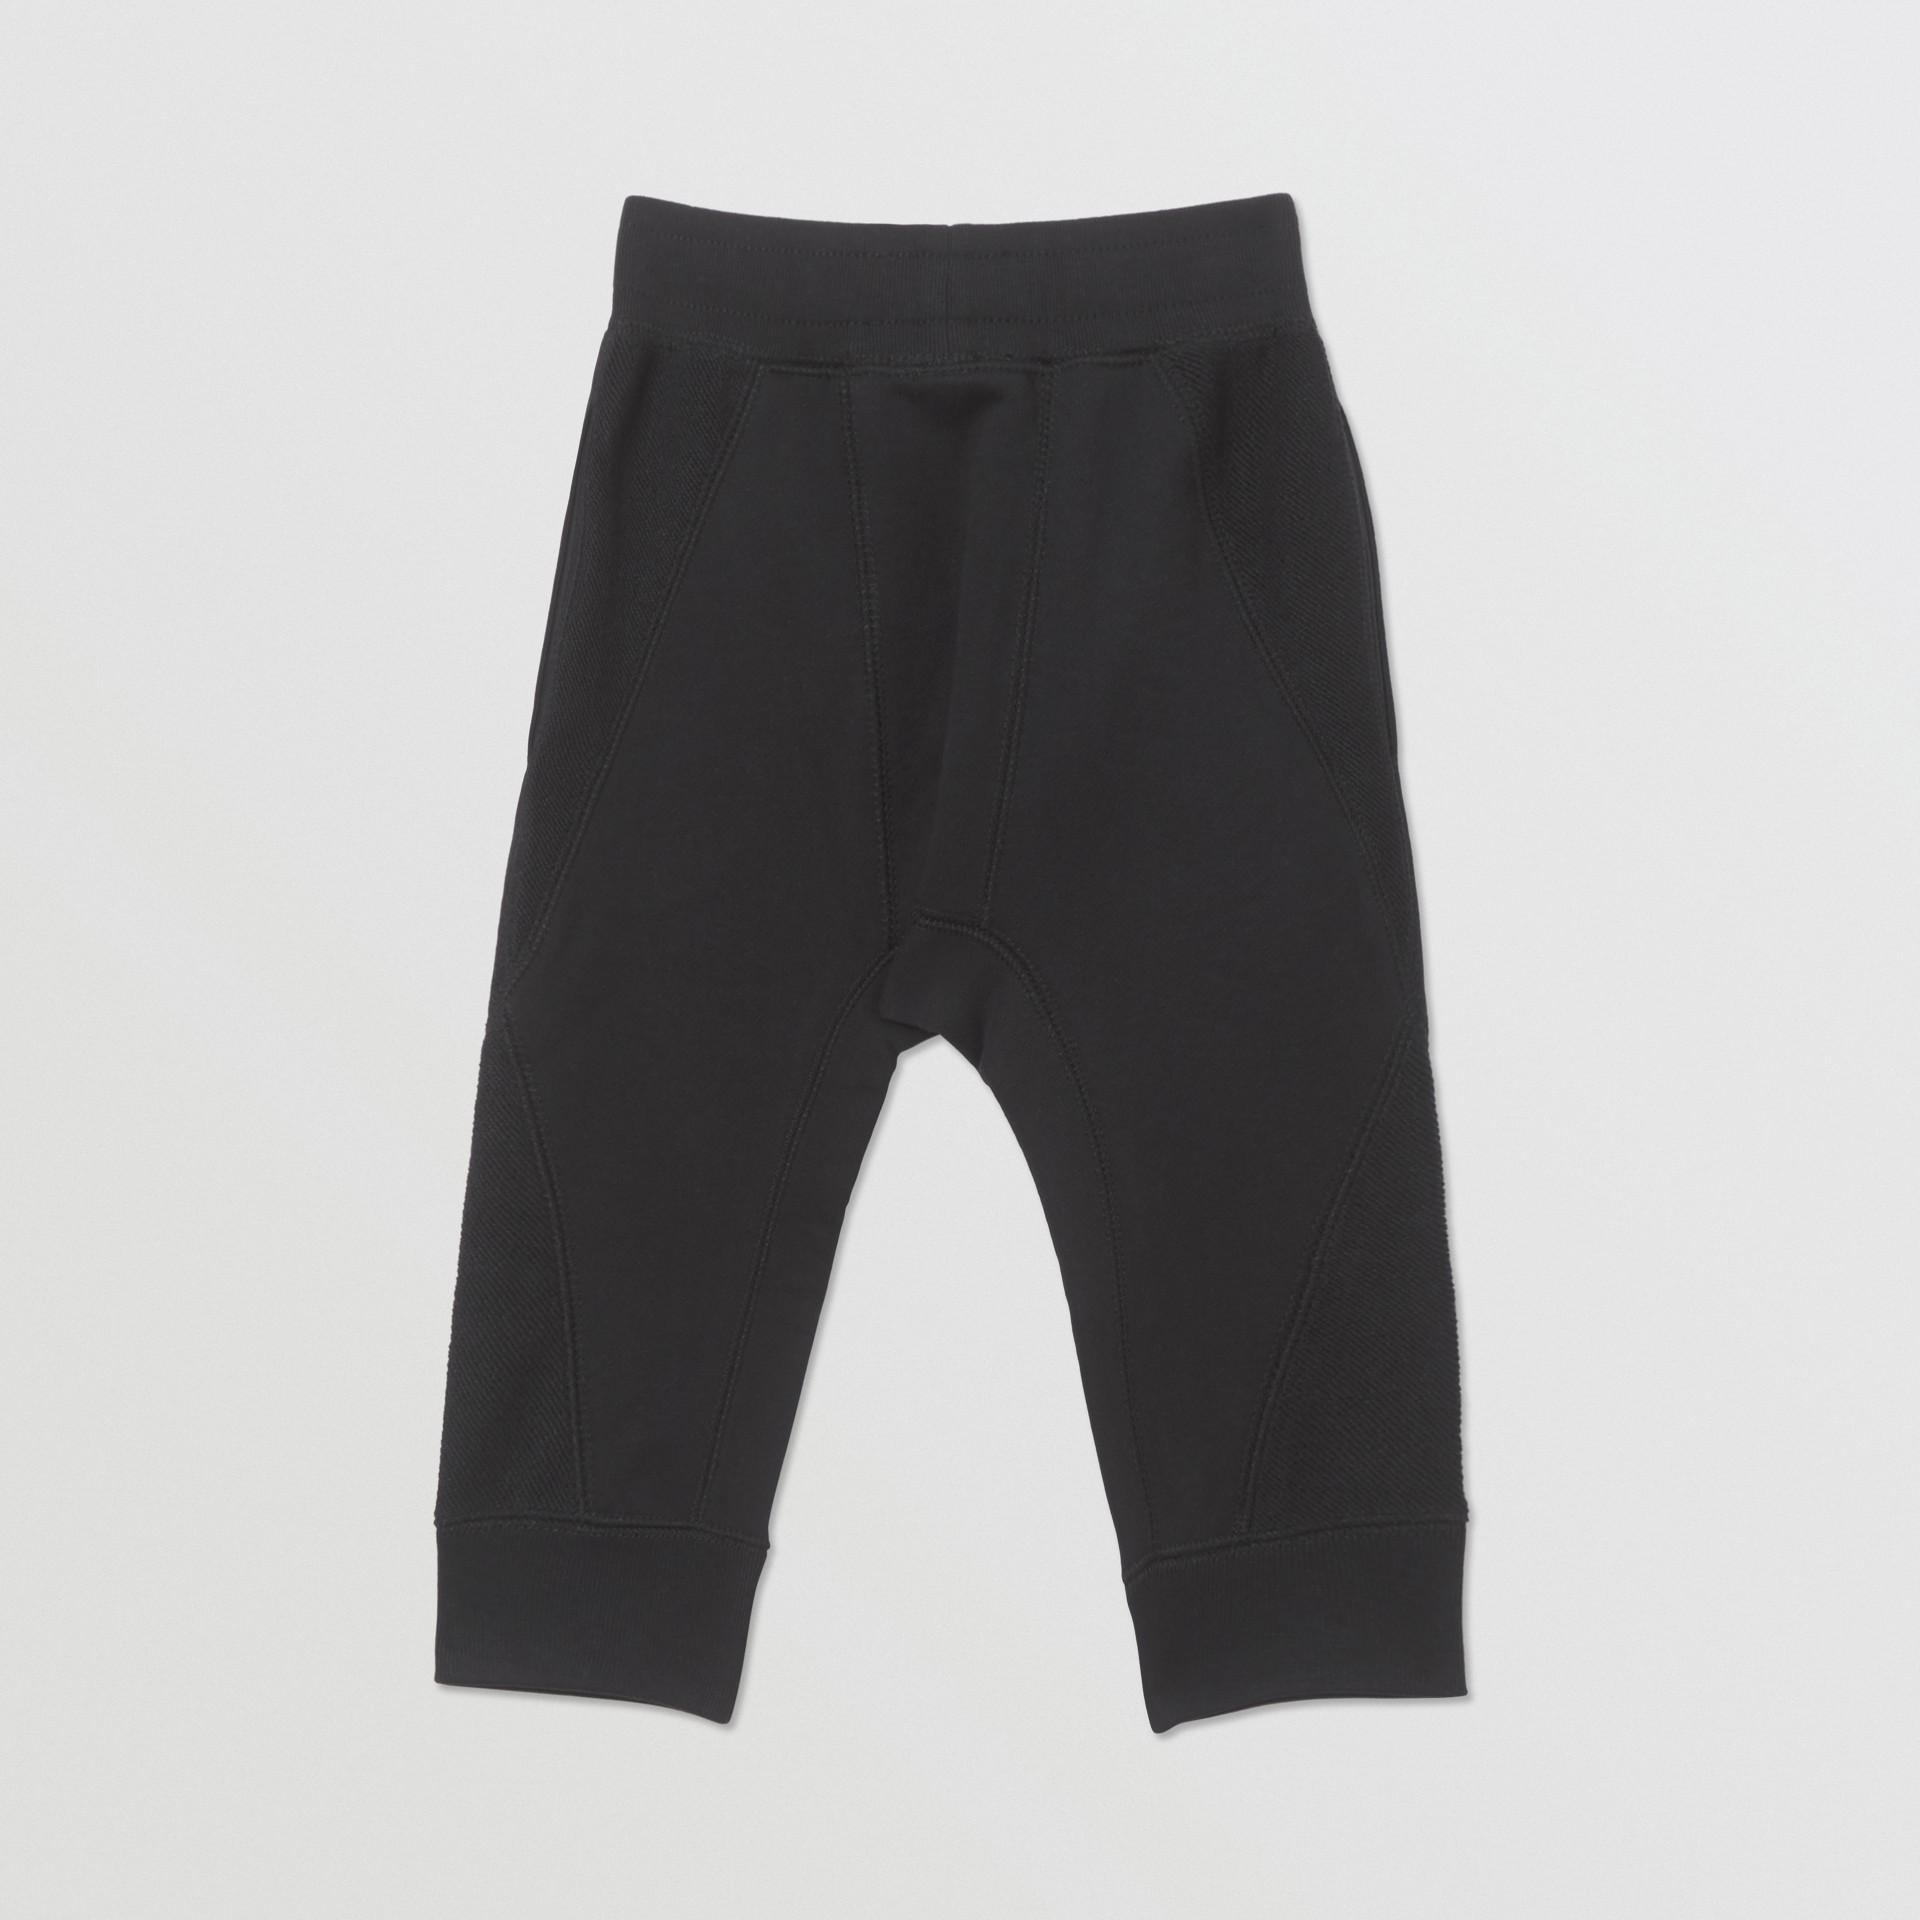 Pantalon de survêtement en coton à logo (Noir) - Enfant | Burberry - photo de la galerie 3